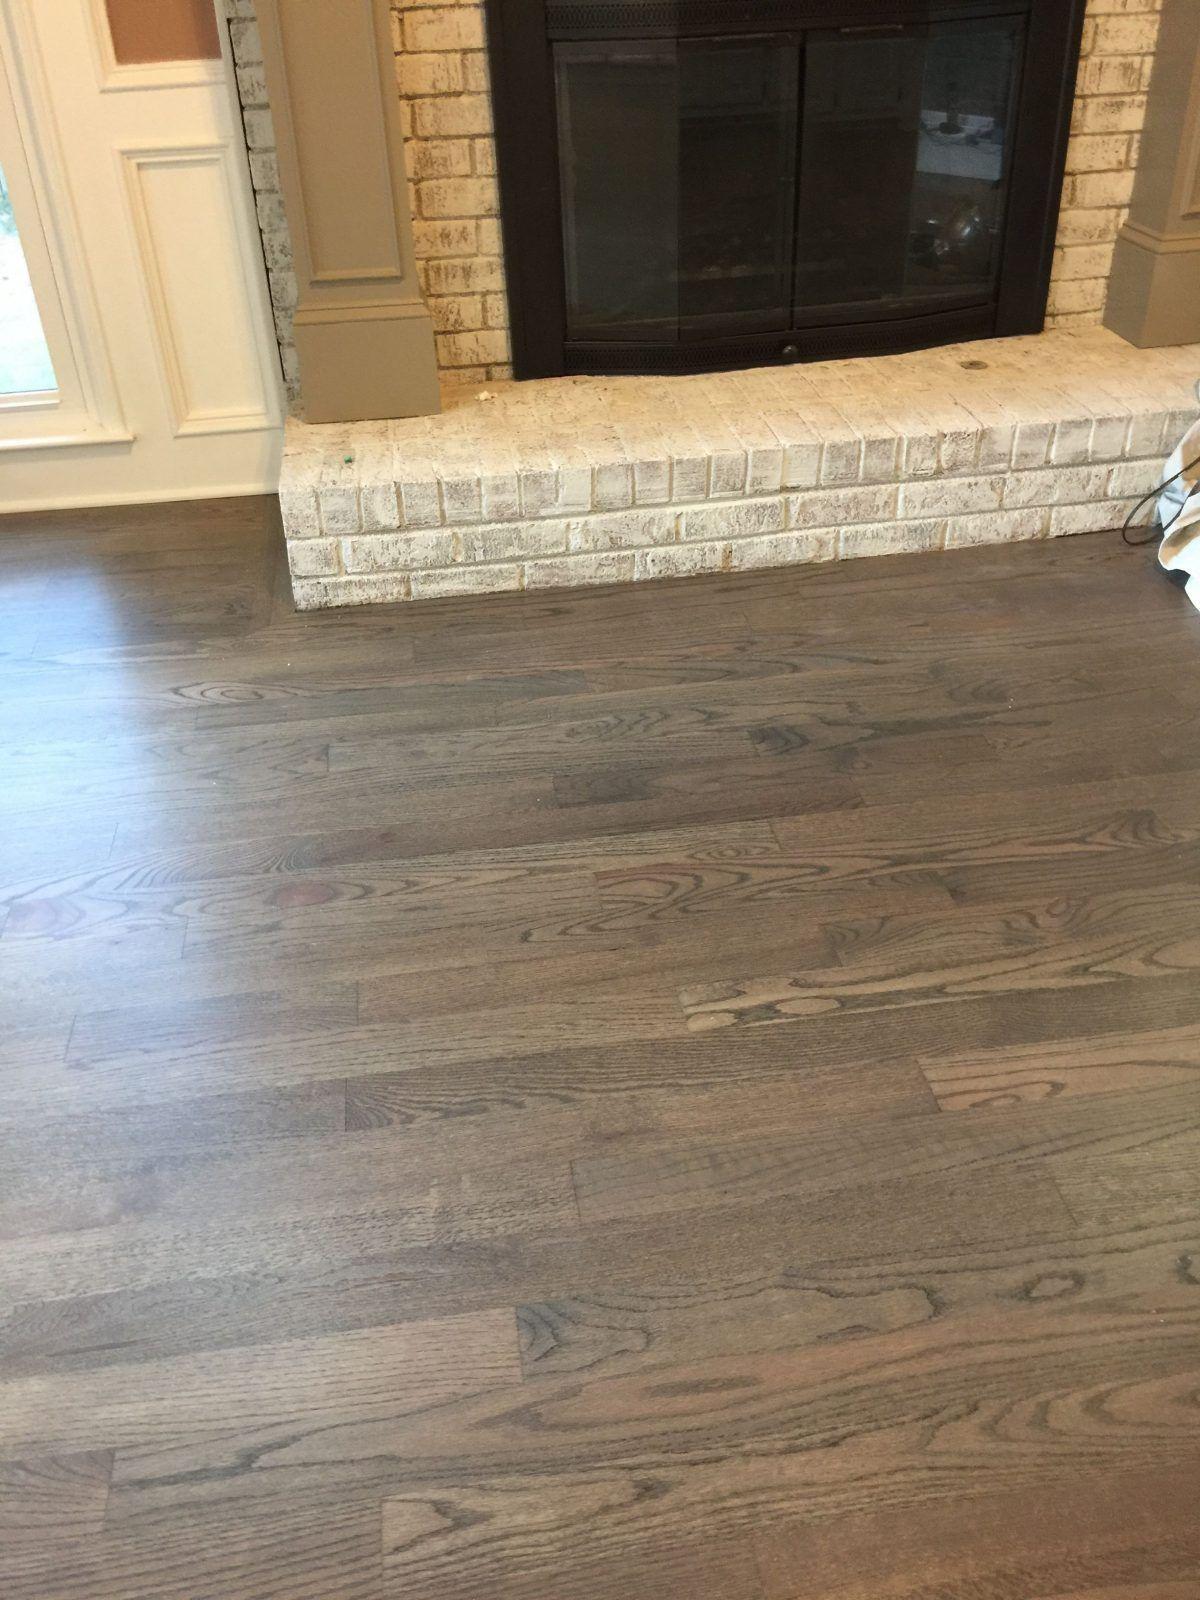 Choosing The Best Farmhouse Style Floor Stain Hammers N Hugs Red Oak Floors Wood Floor Stain Colors Hardwood Floor Colors